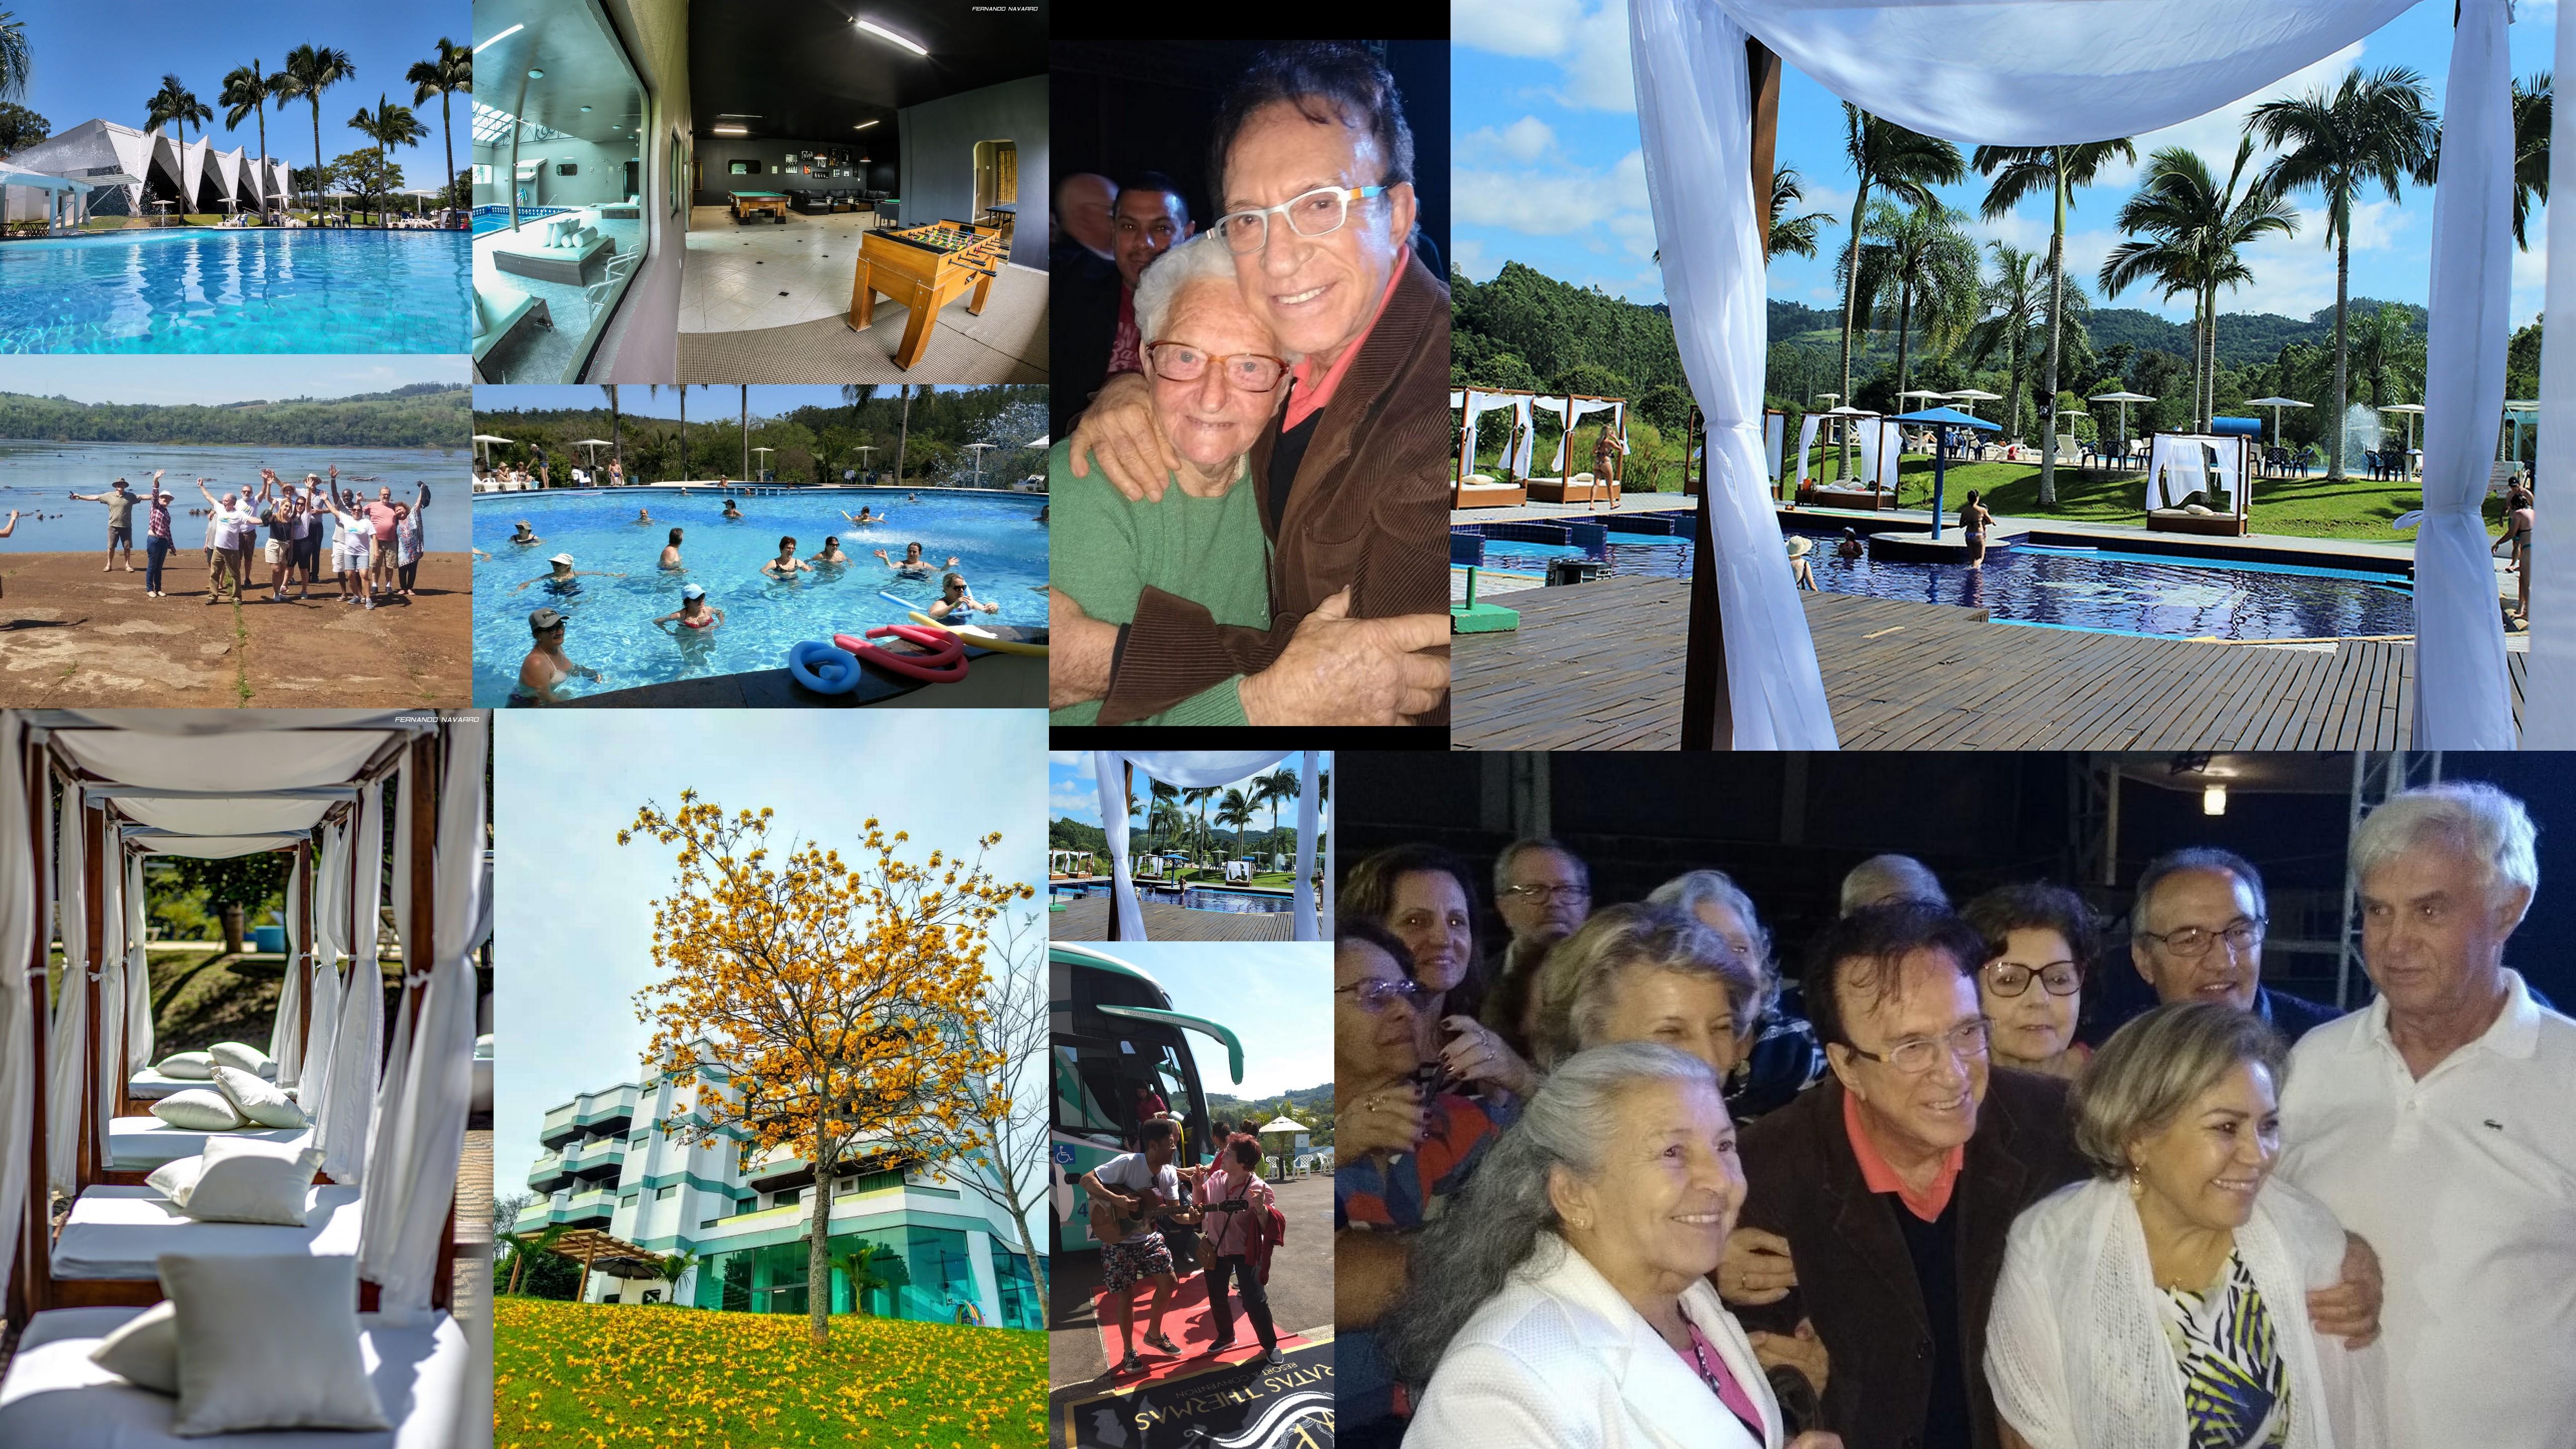 O Pratas Thermas Resort, localizado em São Carlos, no Oeste do Estado, iniciou ontem as celebrações do pacote Longevidade e reuniu centenas de idosos, que puderam curtir de pertinho o super show de Moacir Franco.